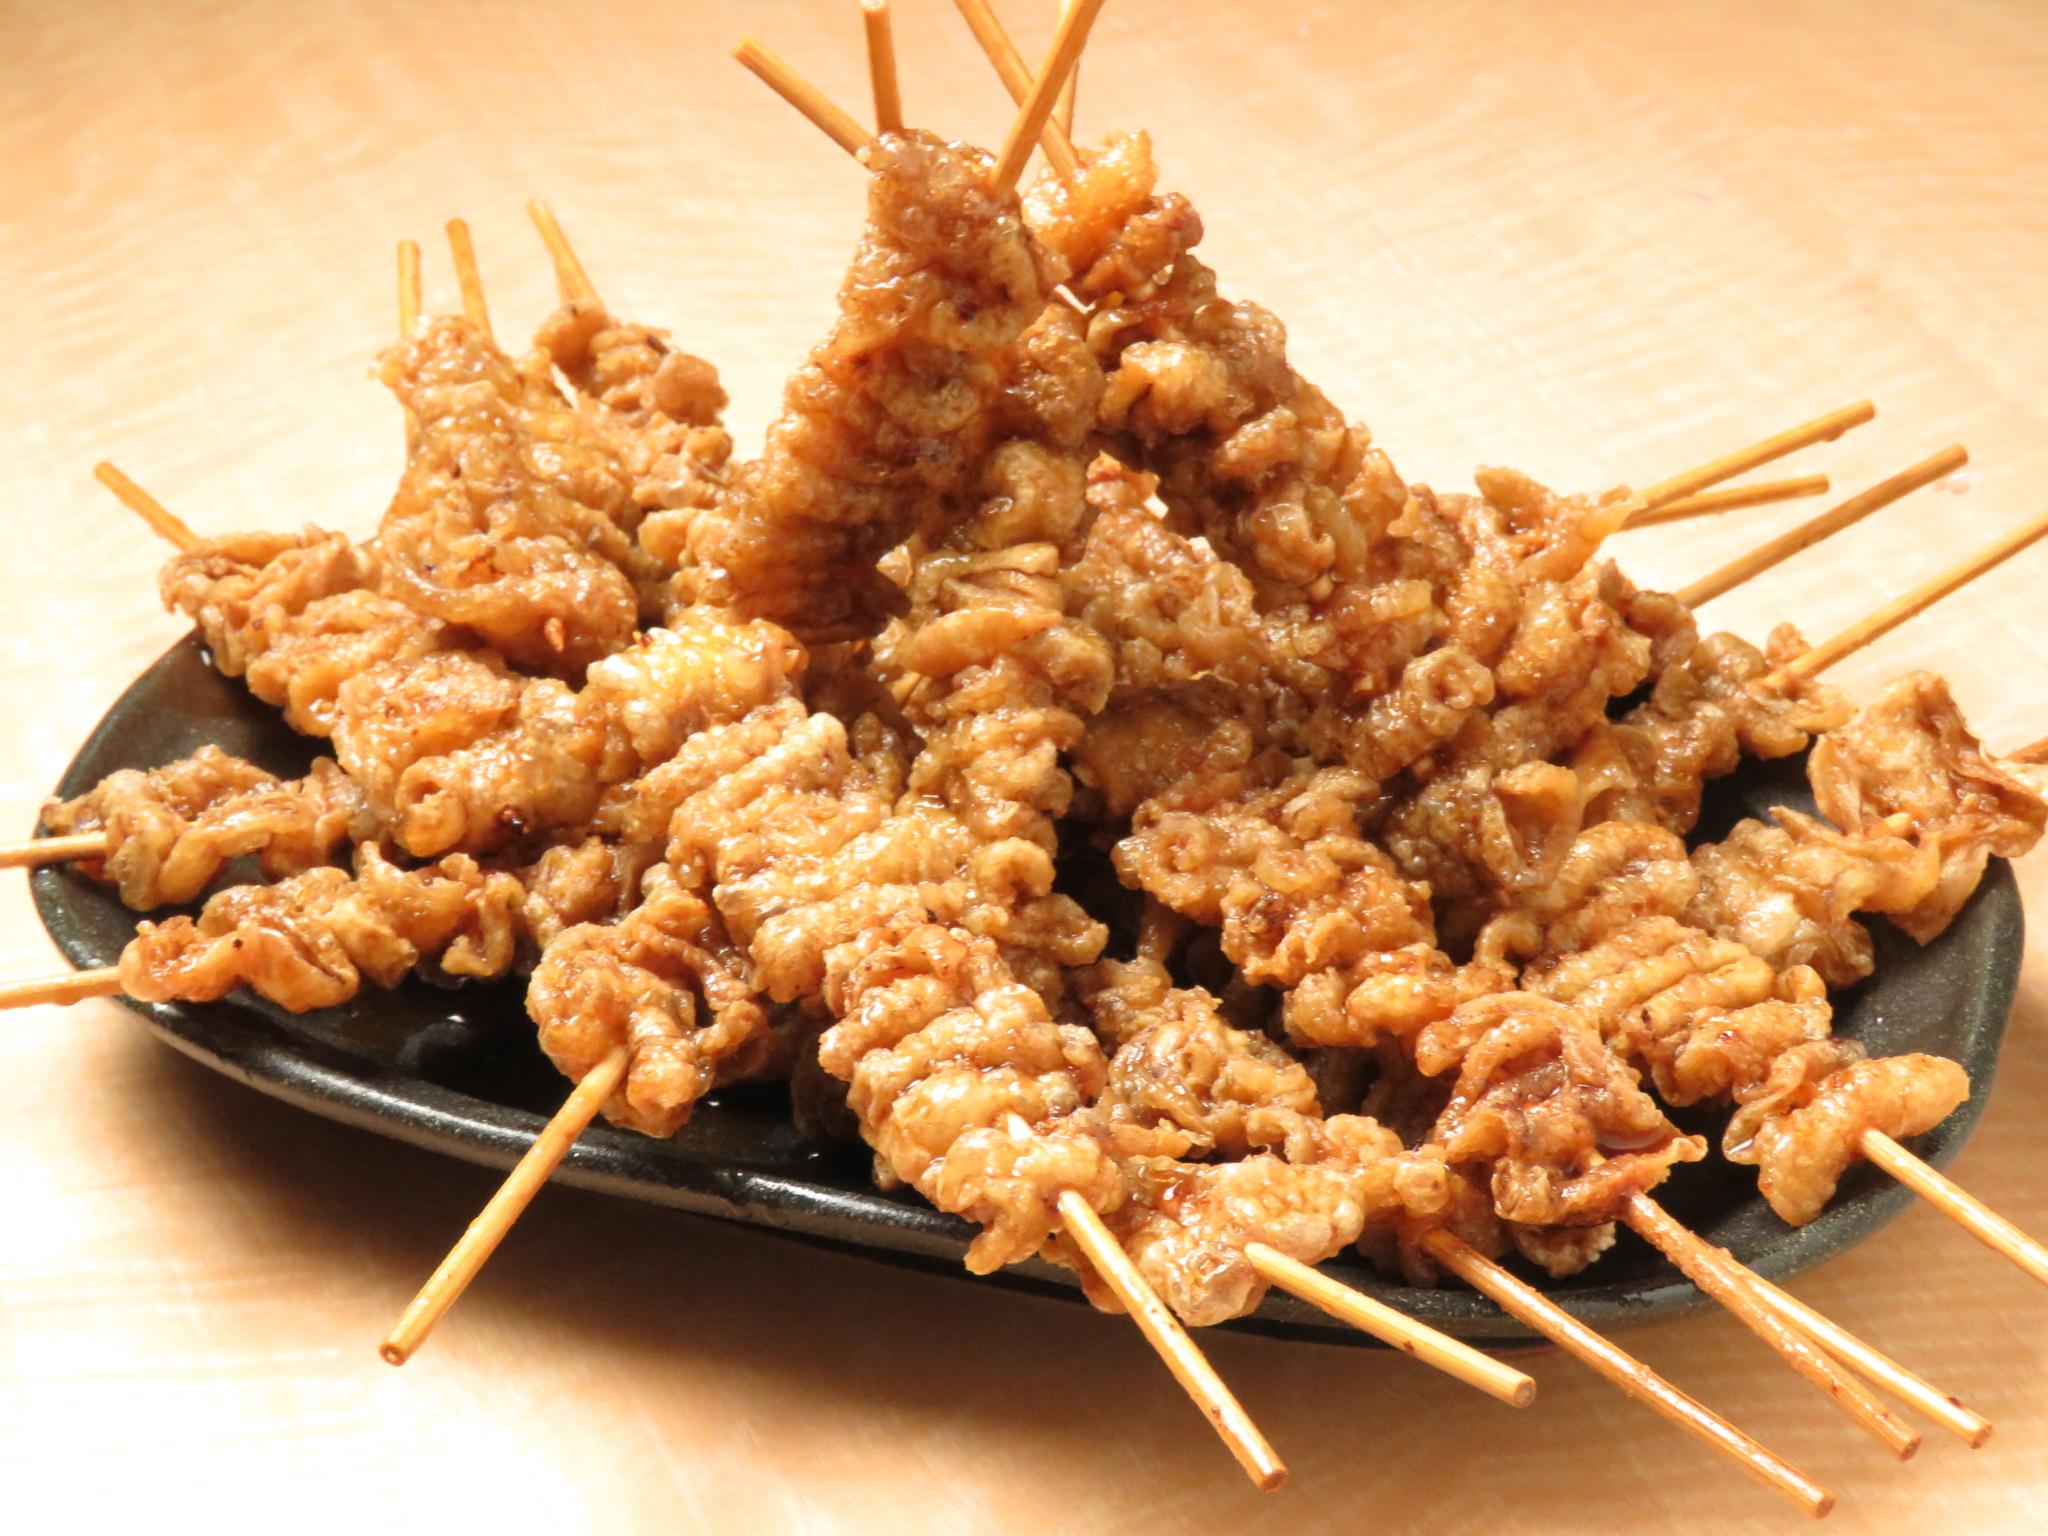 【とりいちず酒場 鶴見東口店】の病みつき鶏料理